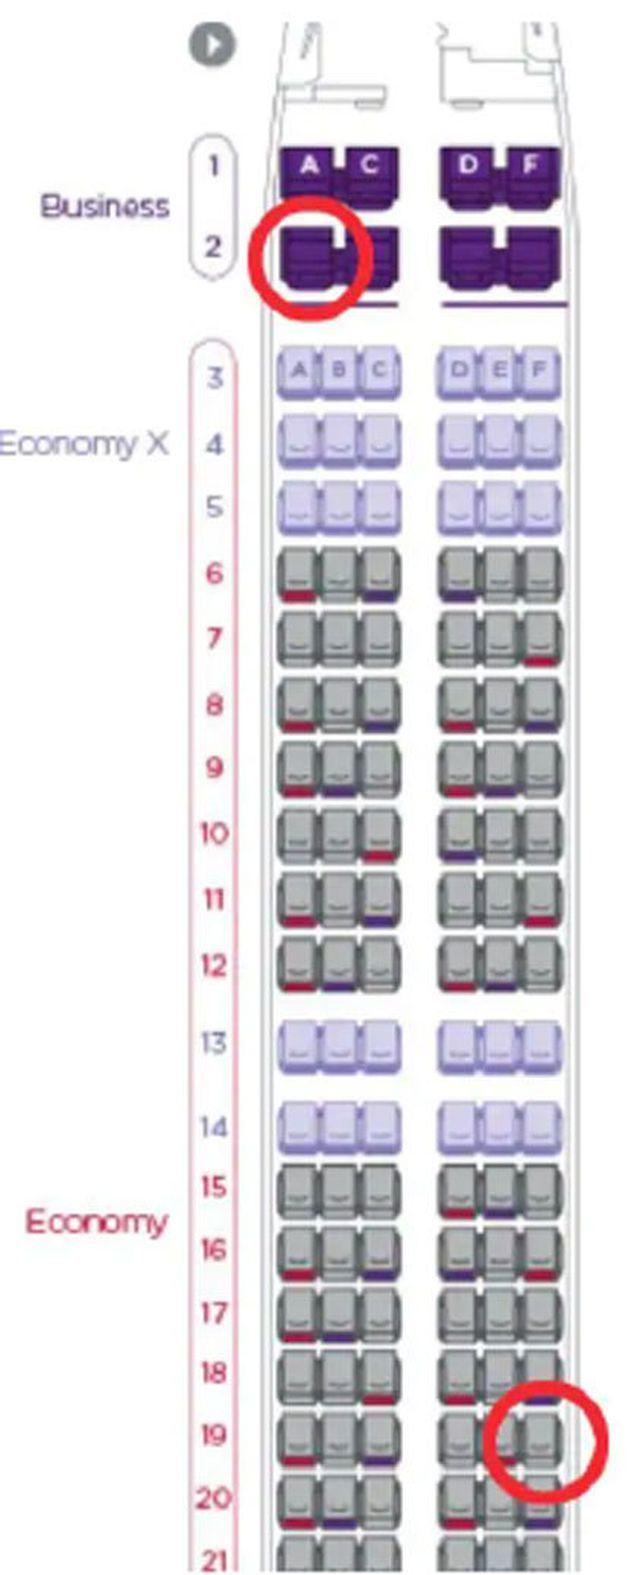 Đâu là hai vị trí ghế ngồi được hành khách đặt nhiều nhất trên máy bay?